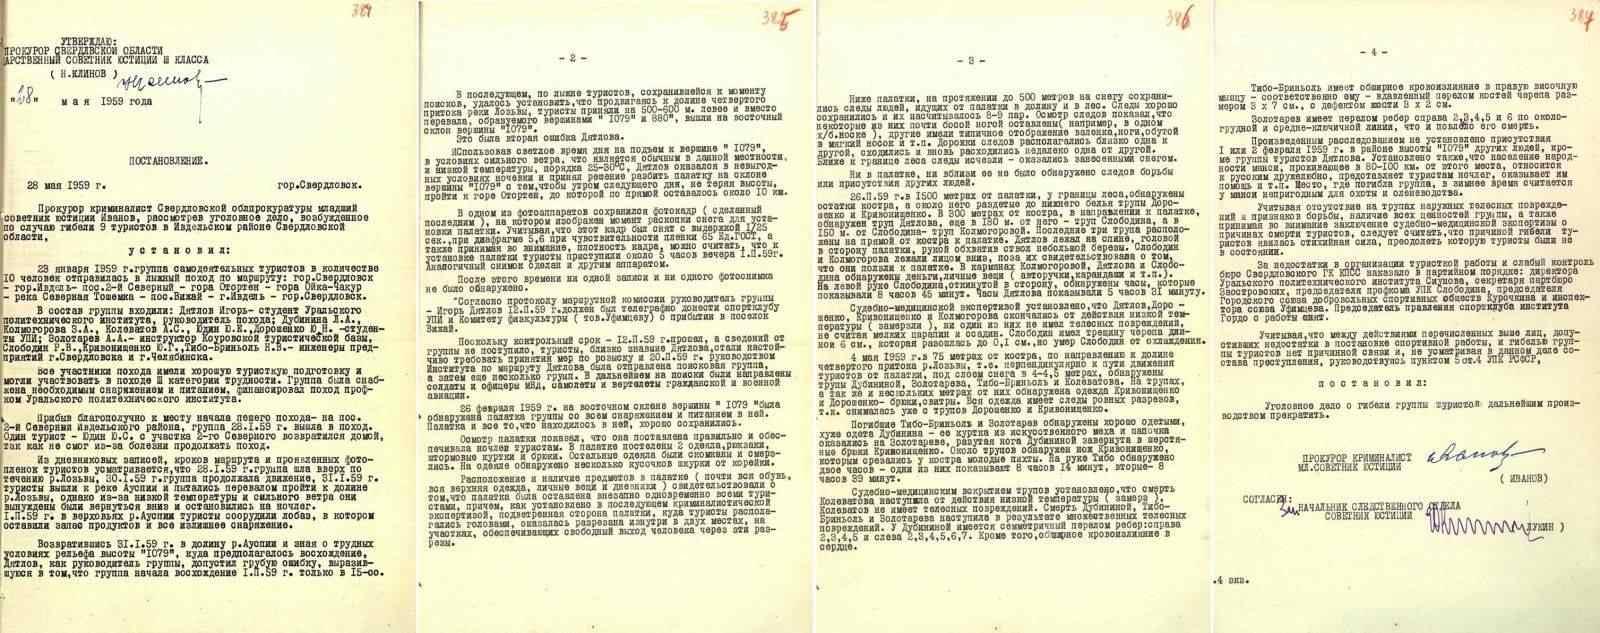 Постановление о закрытии дела гибели группы Игоря Дятлова